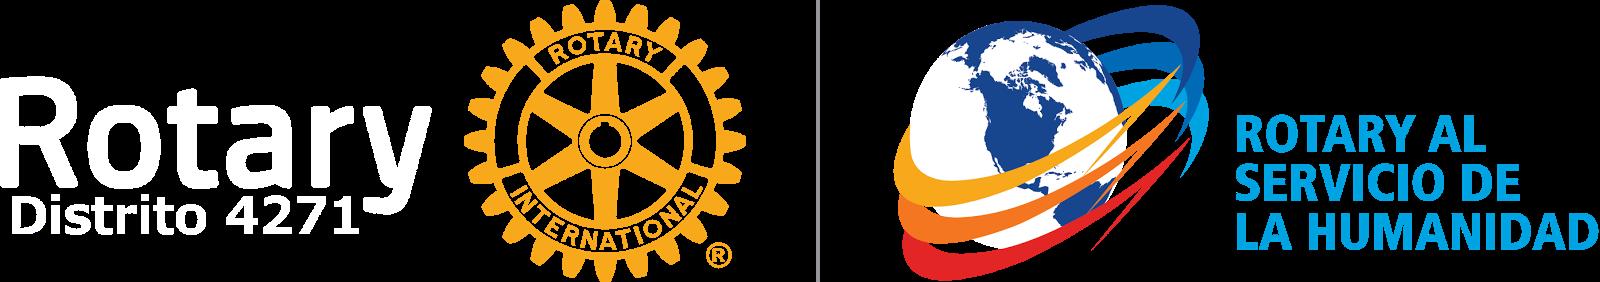 Rotary DIstrito 4271 - 2016